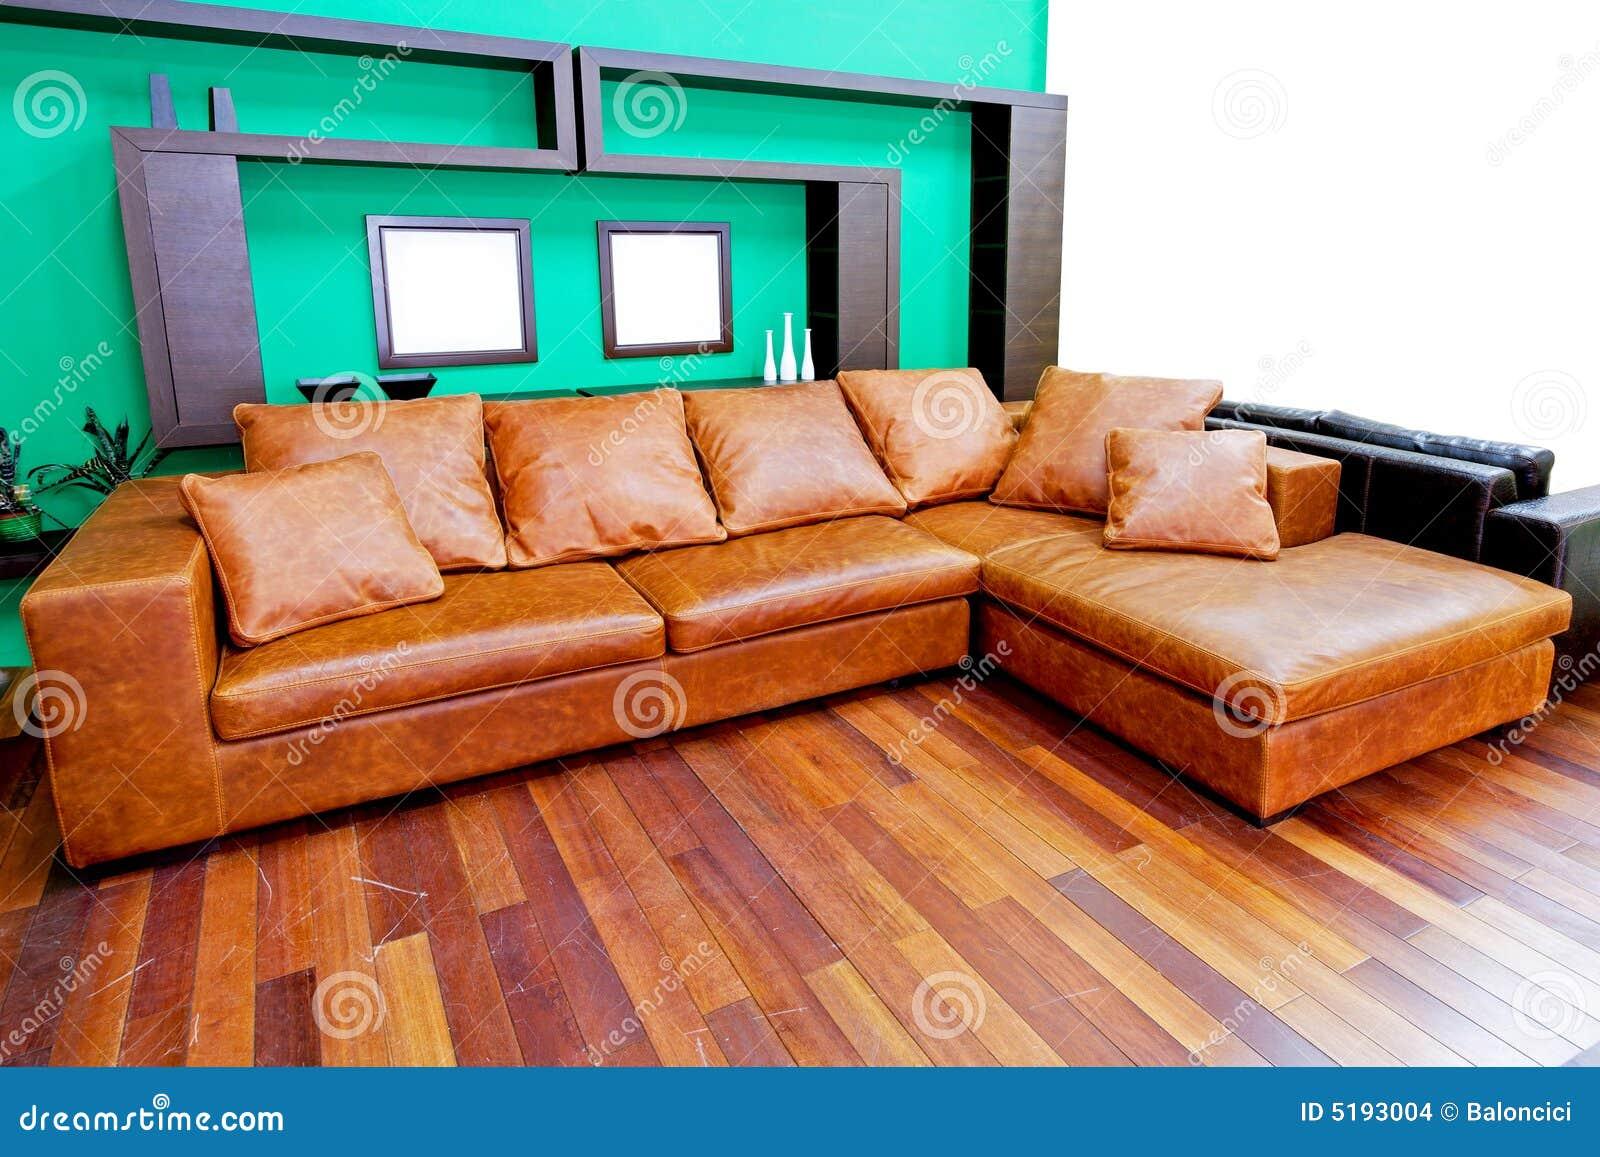 ledernes braunes sofa stockbilder bild 5193004. Black Bedroom Furniture Sets. Home Design Ideas